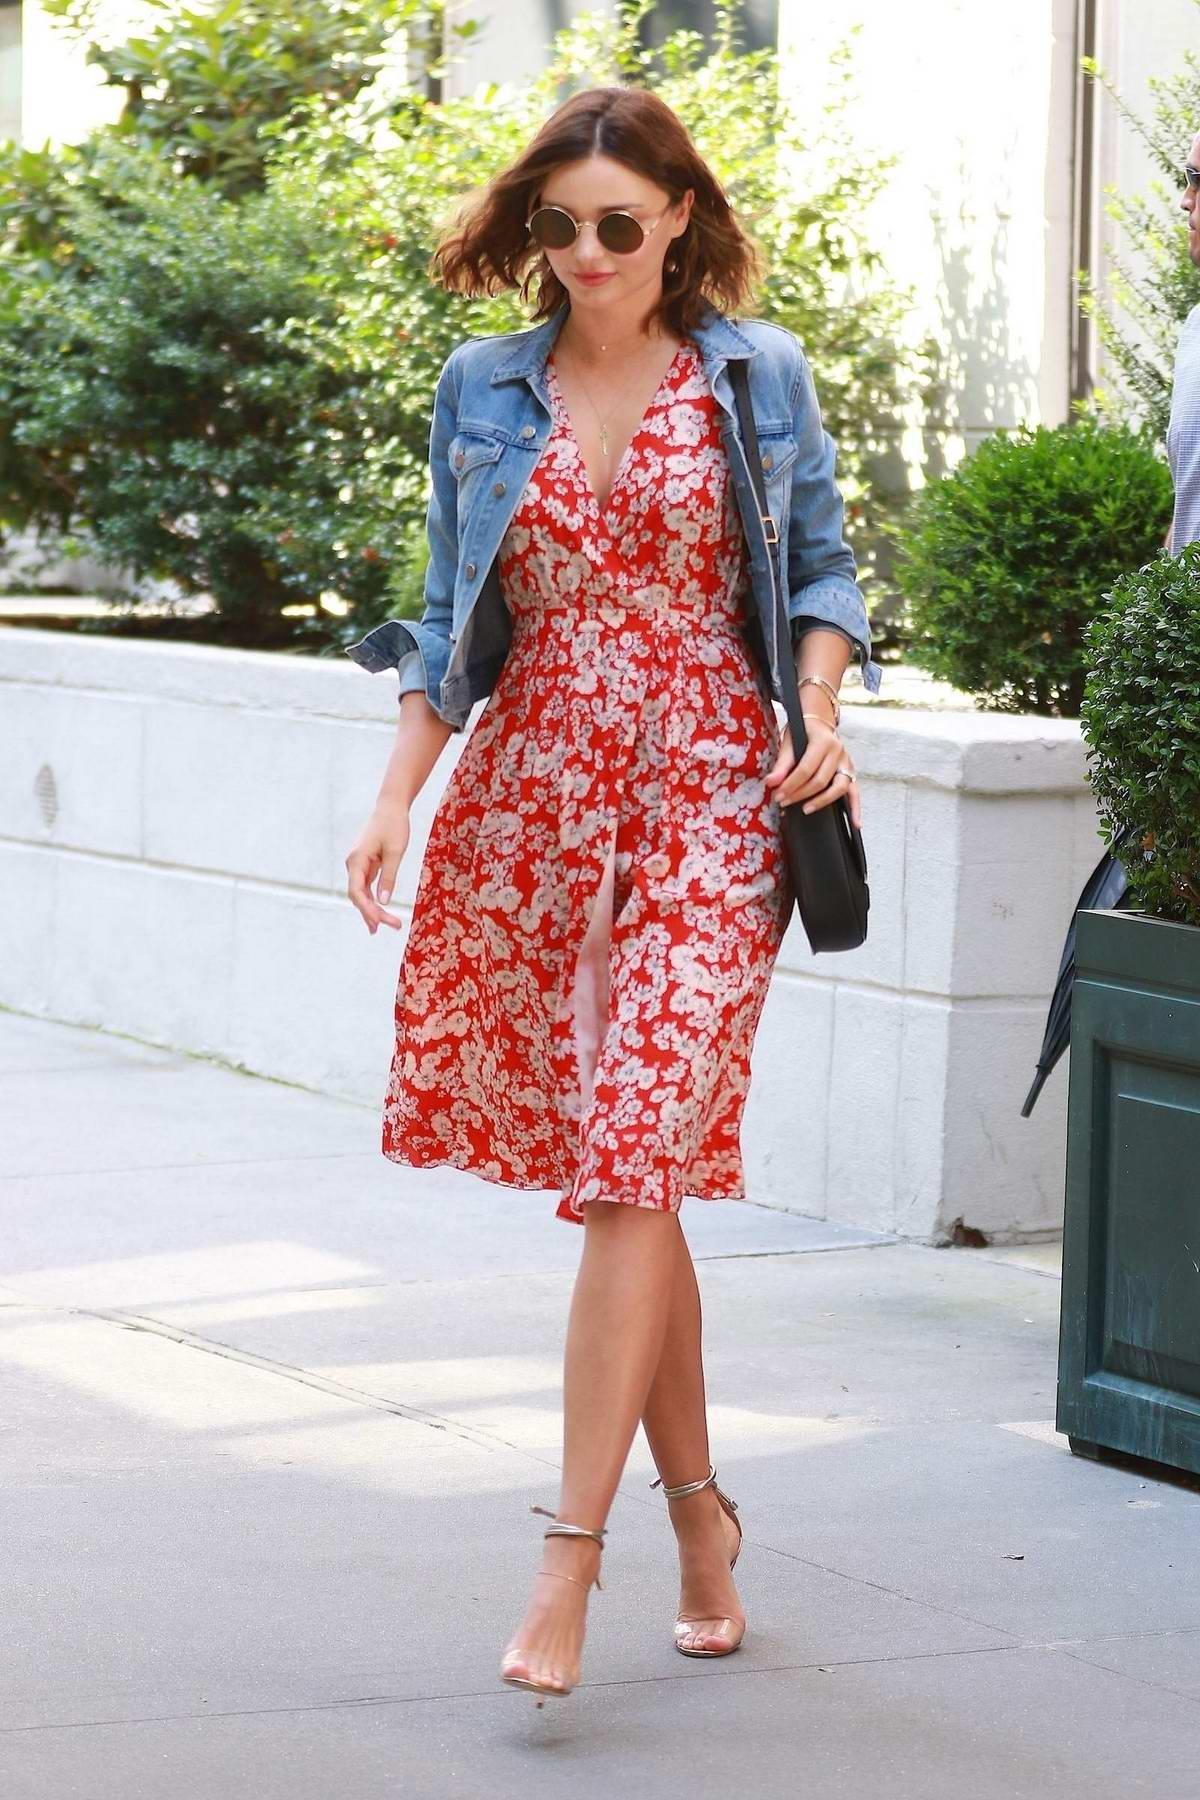 Miranda Kerr in a Summer dress out running errands in New York